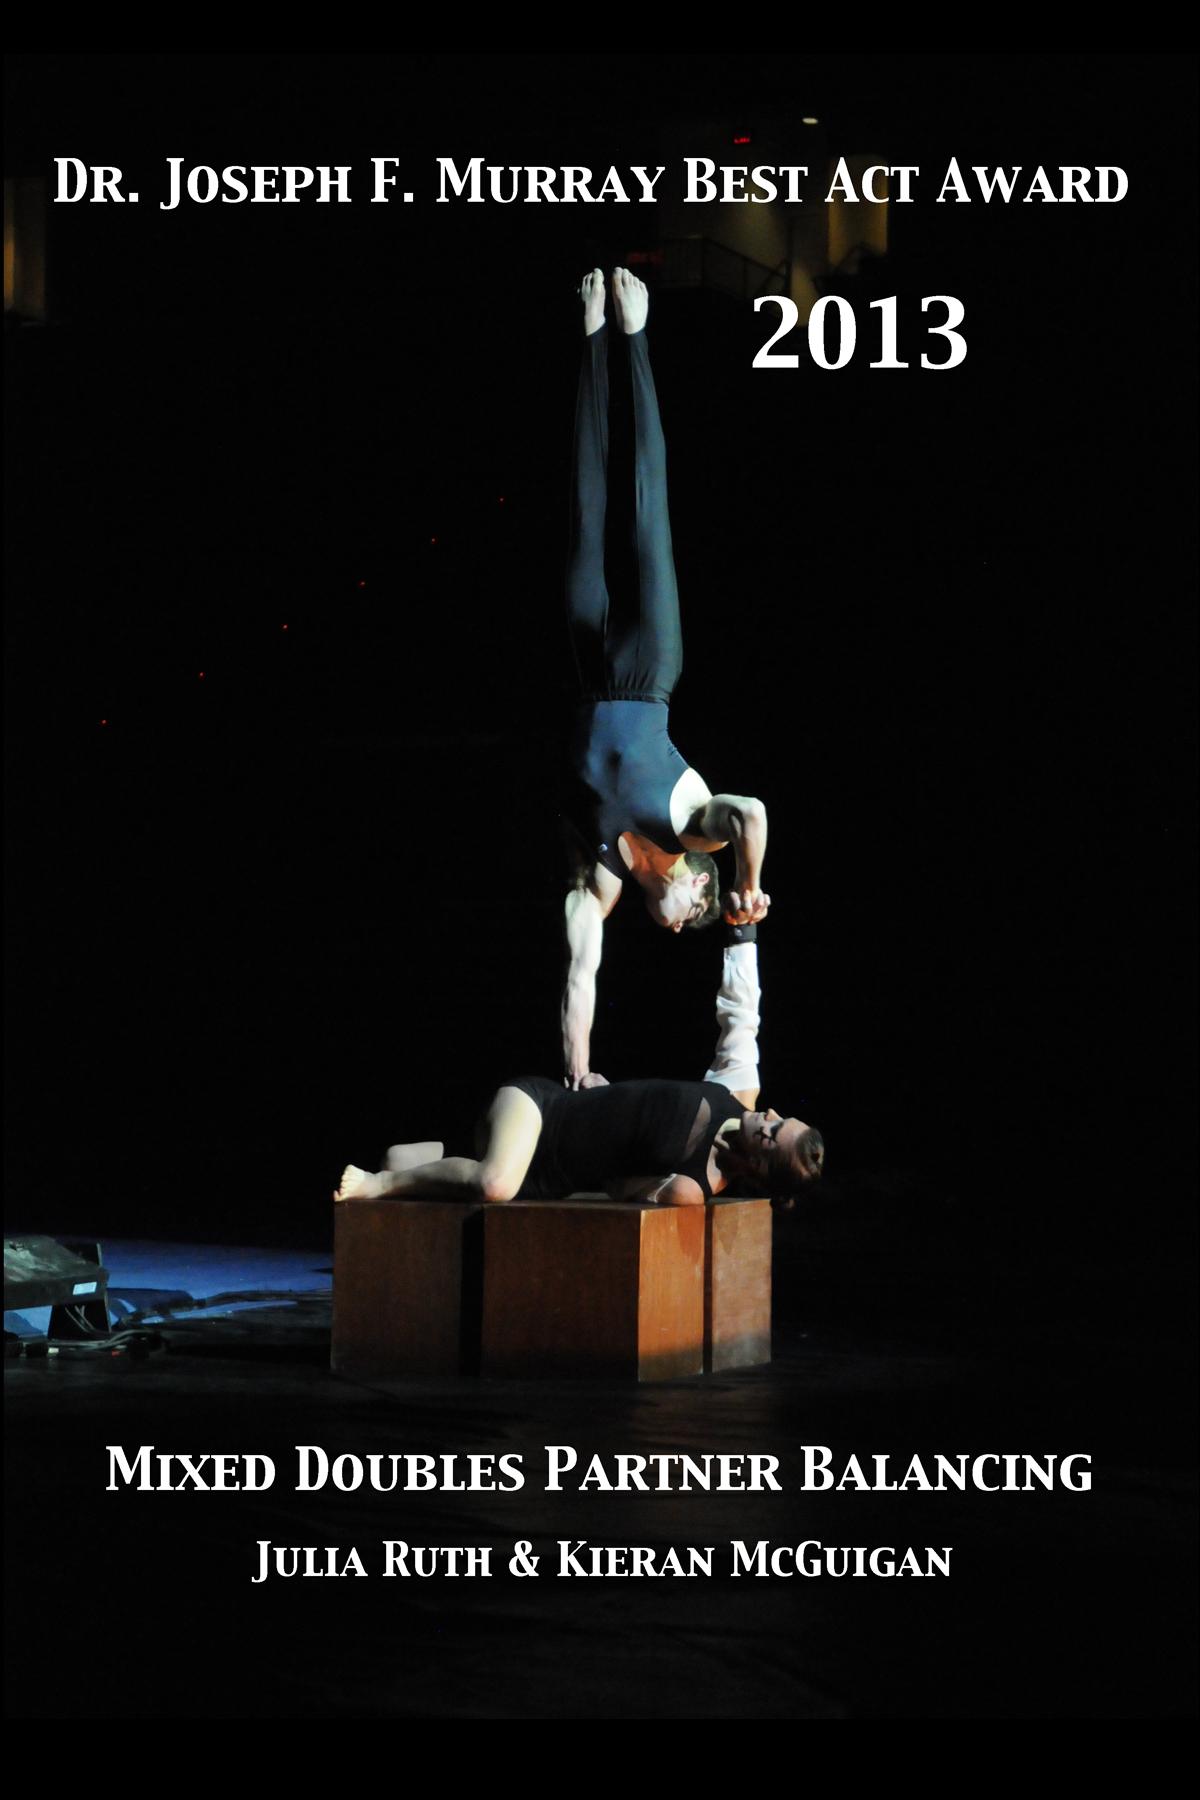 2013 - Mixed Doubles Balancing